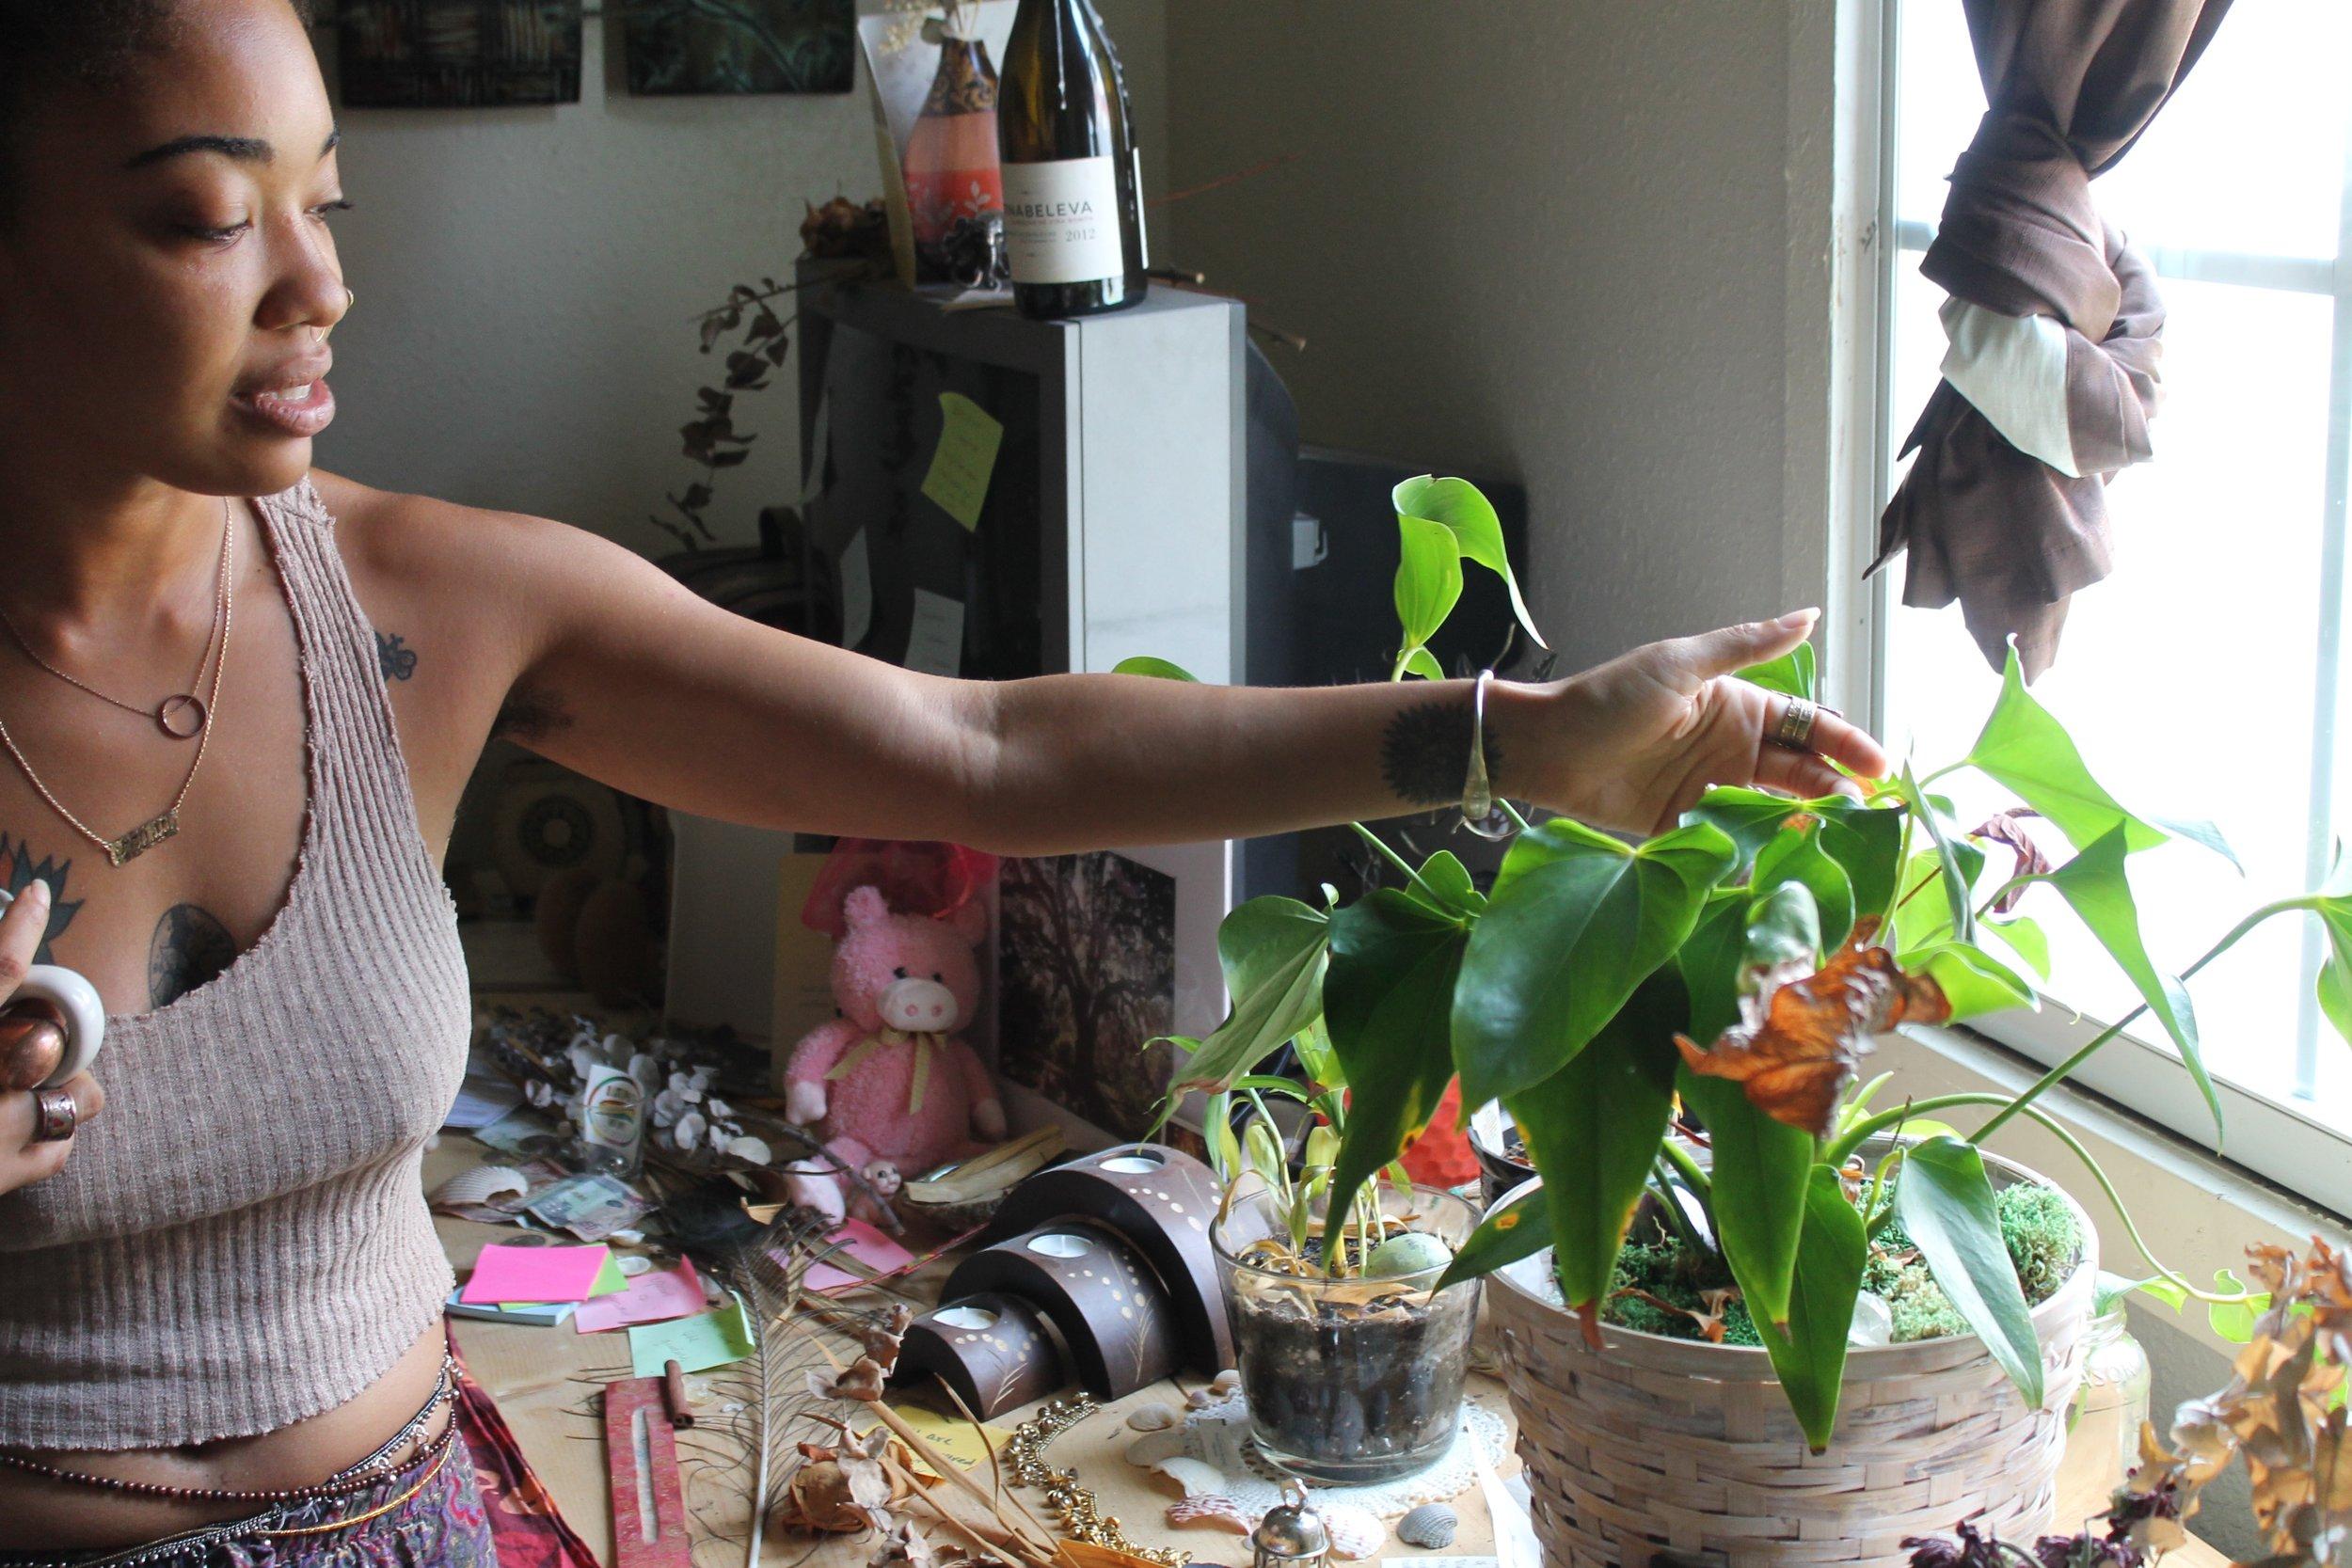 bf271-blackpeoplewithplants_gypsi_collectionofcollectionsblackpeoplewithplants_gypsi_collectionofcollections.jpg